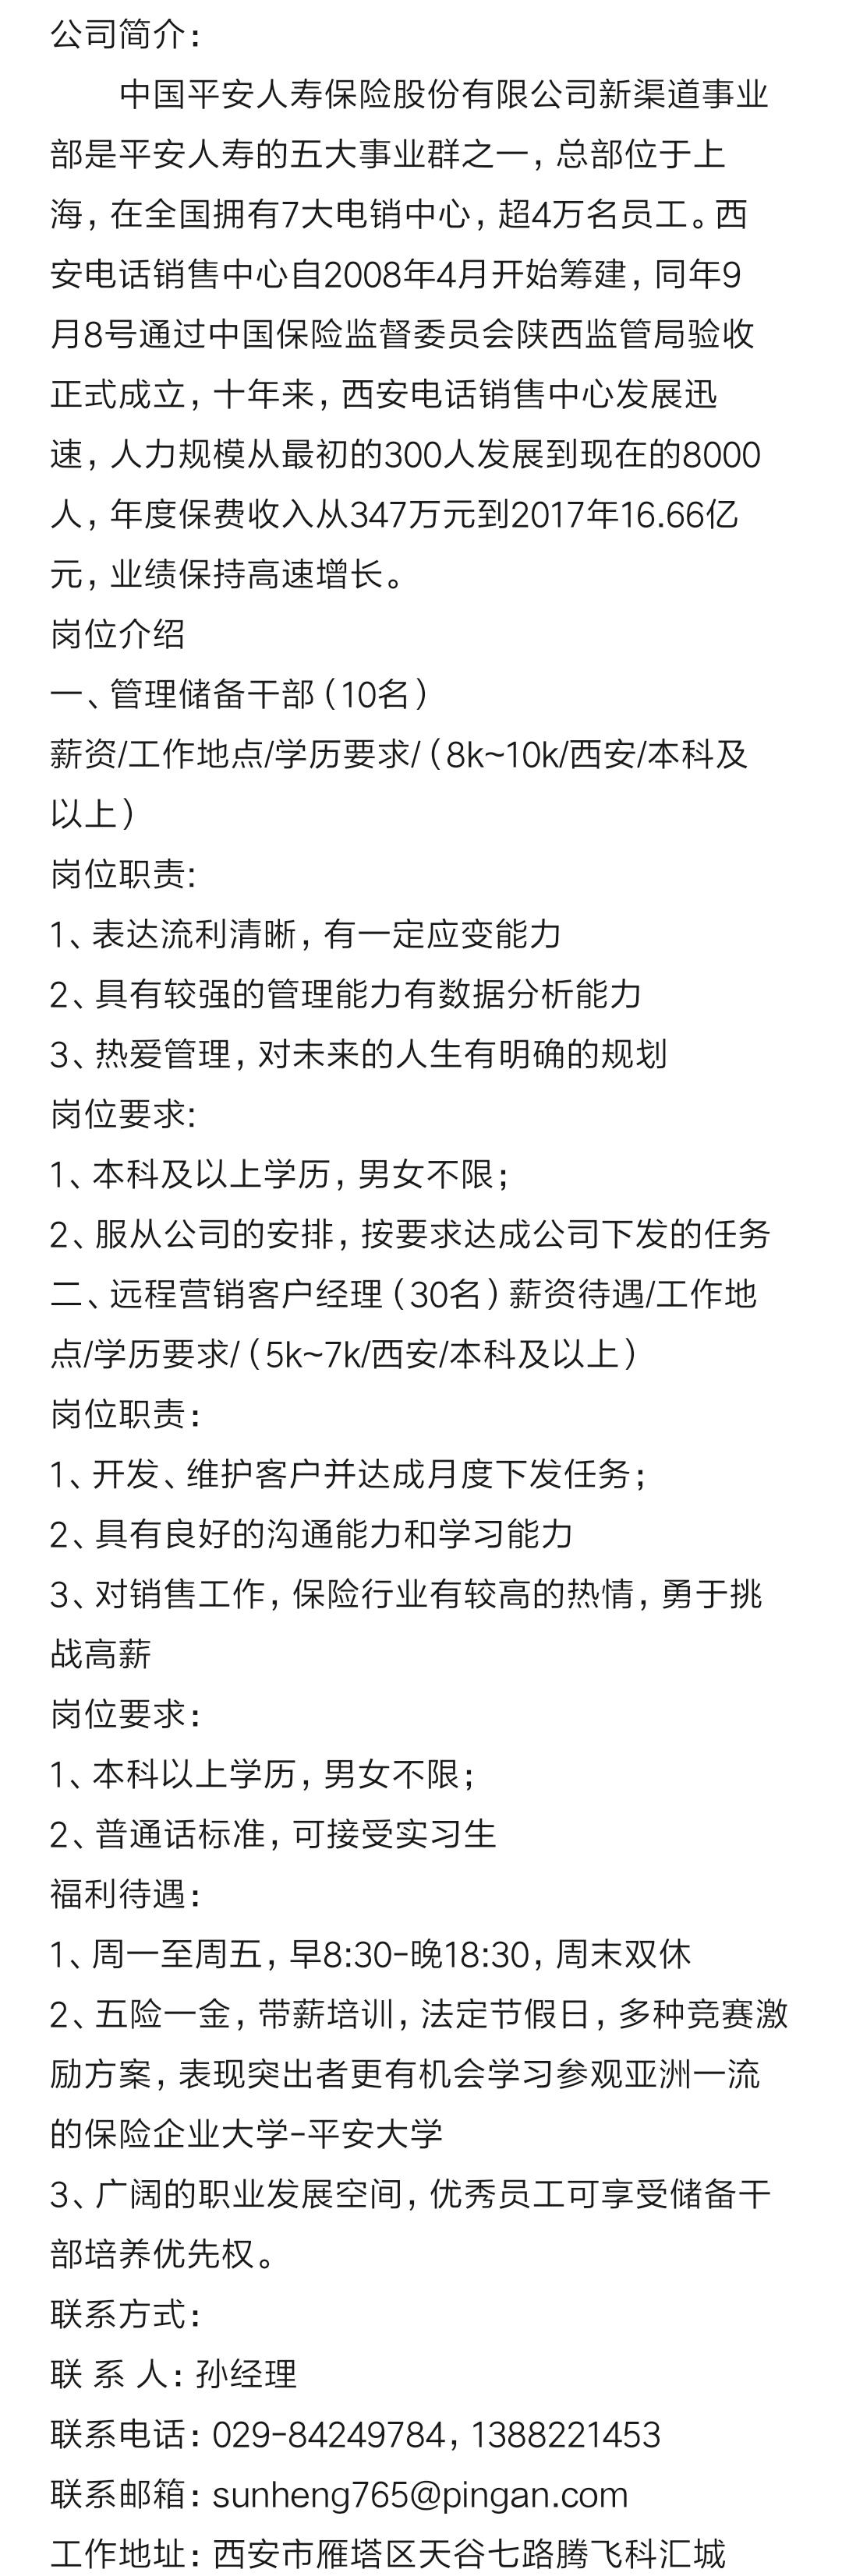 Screenshot_2019-09-05-11-46-01-680_com.miui.notes.png